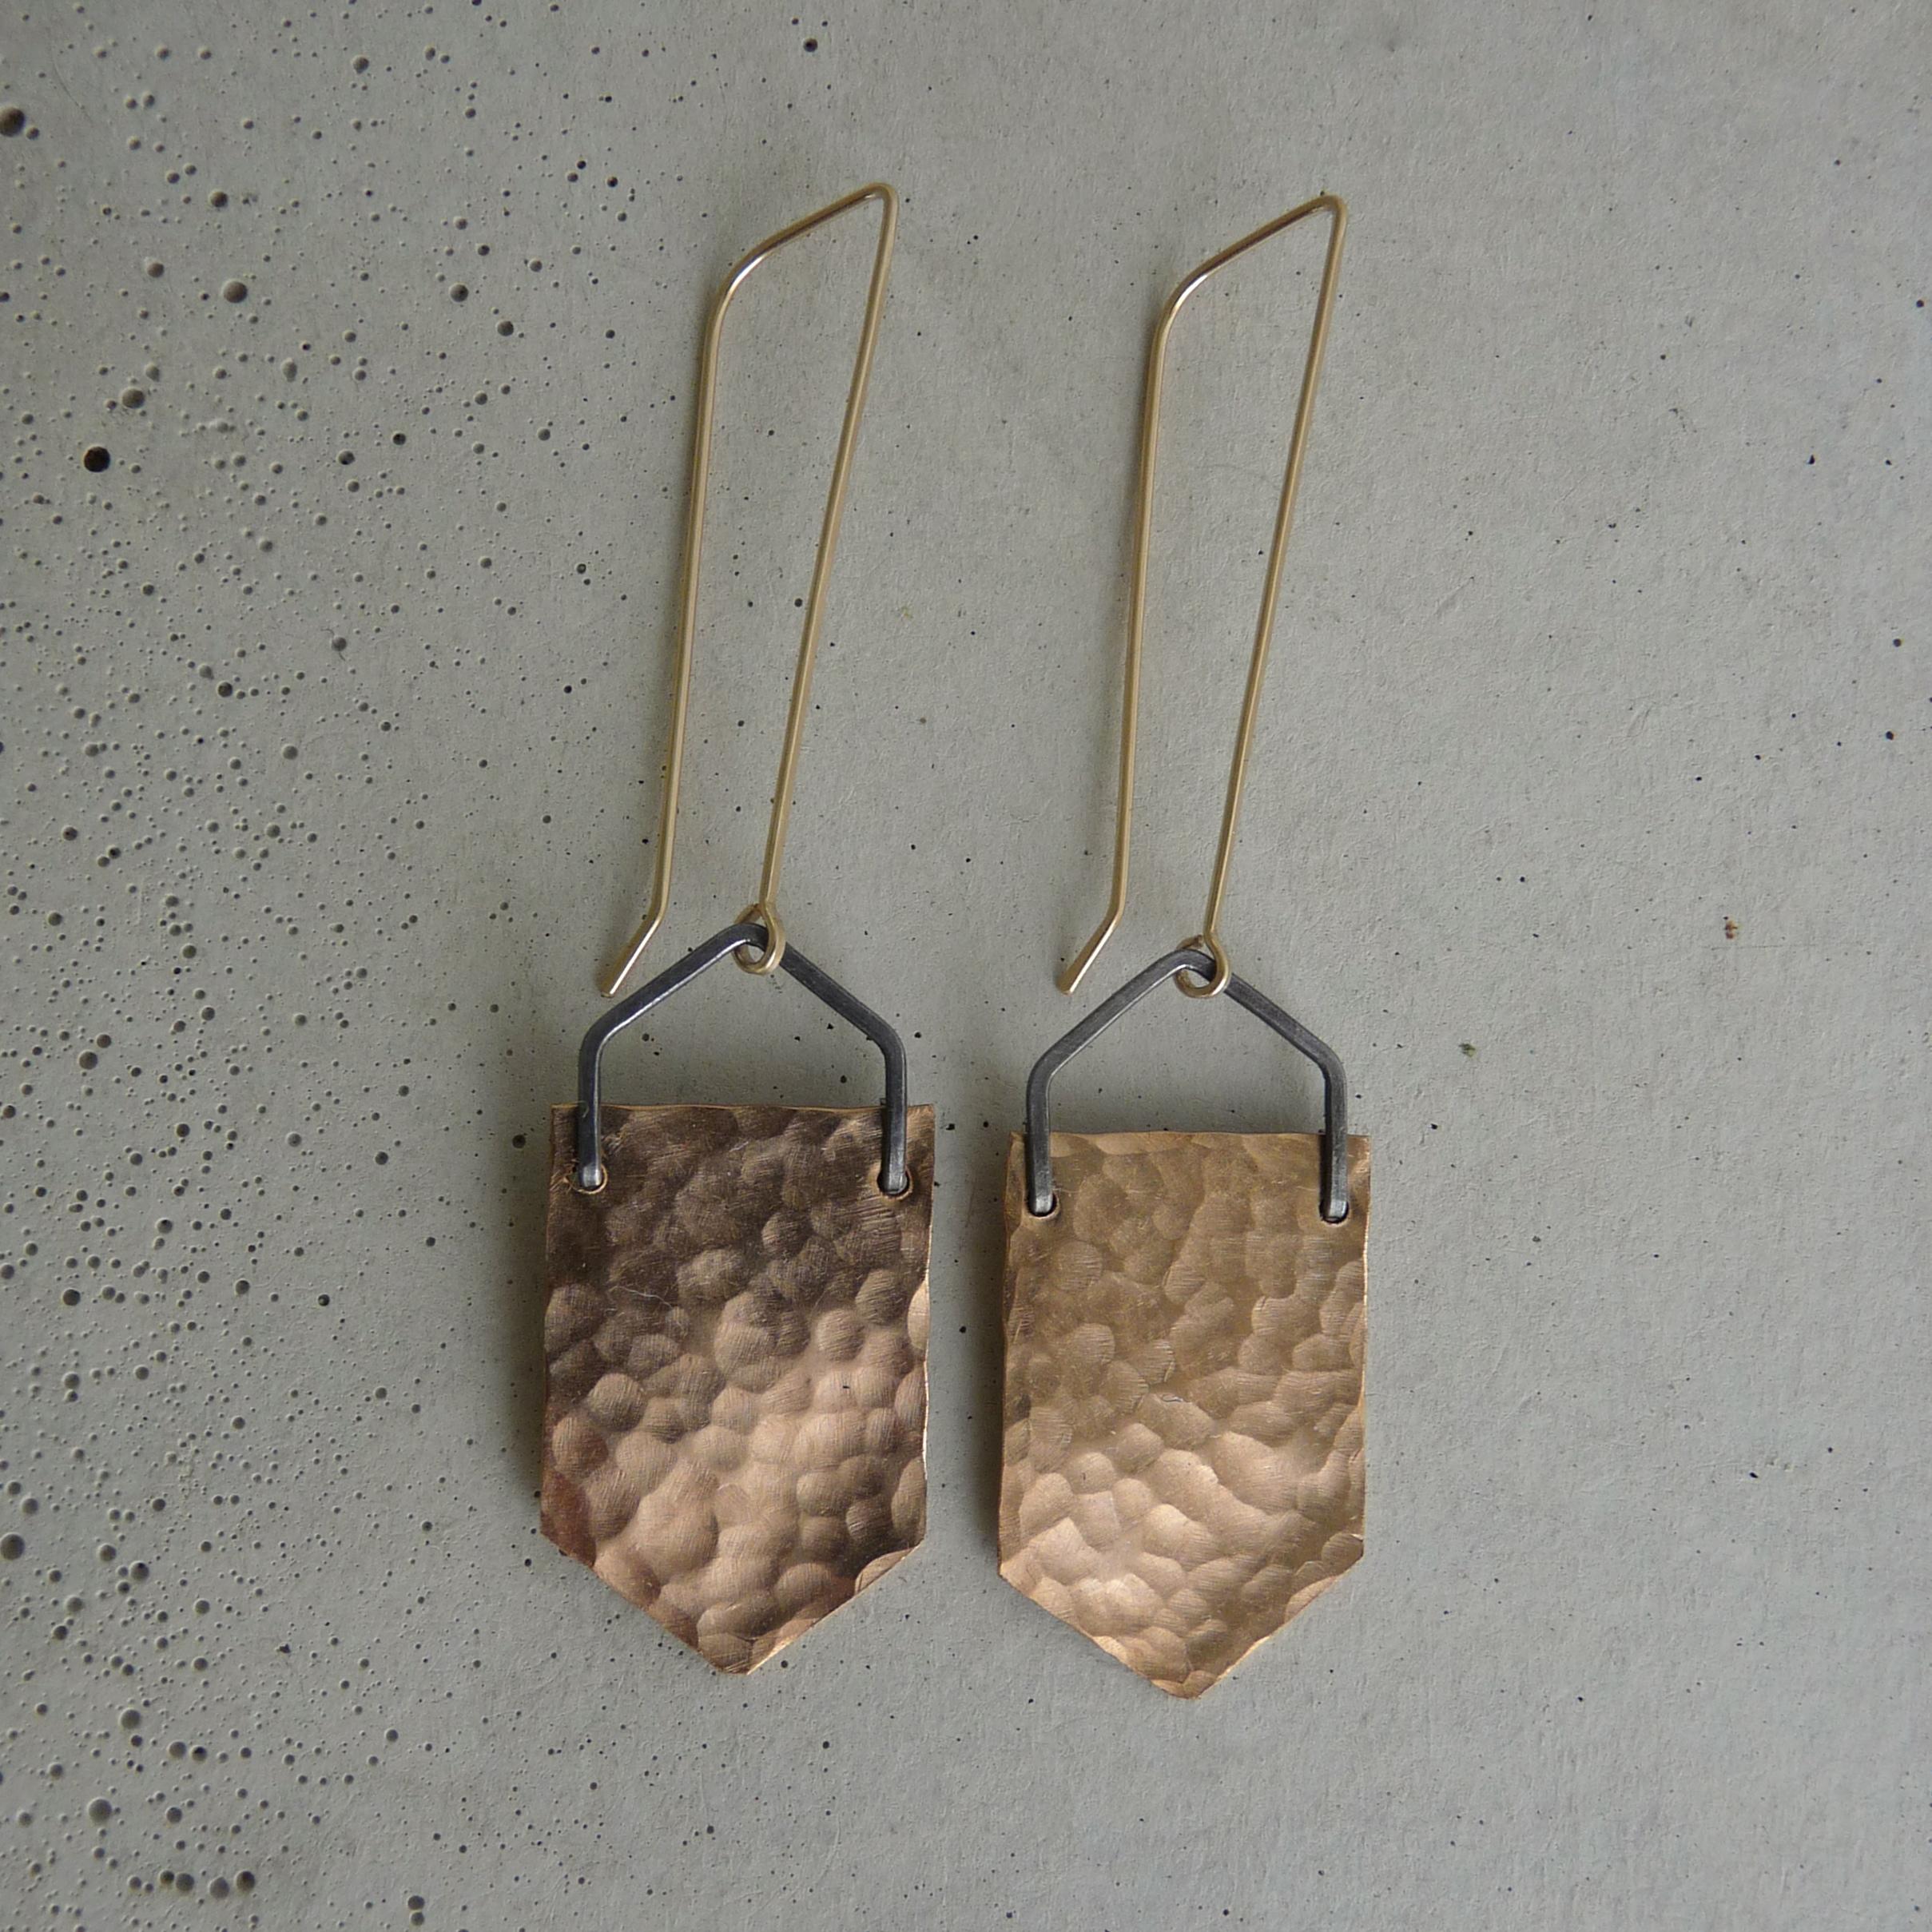 QUARRY earrings